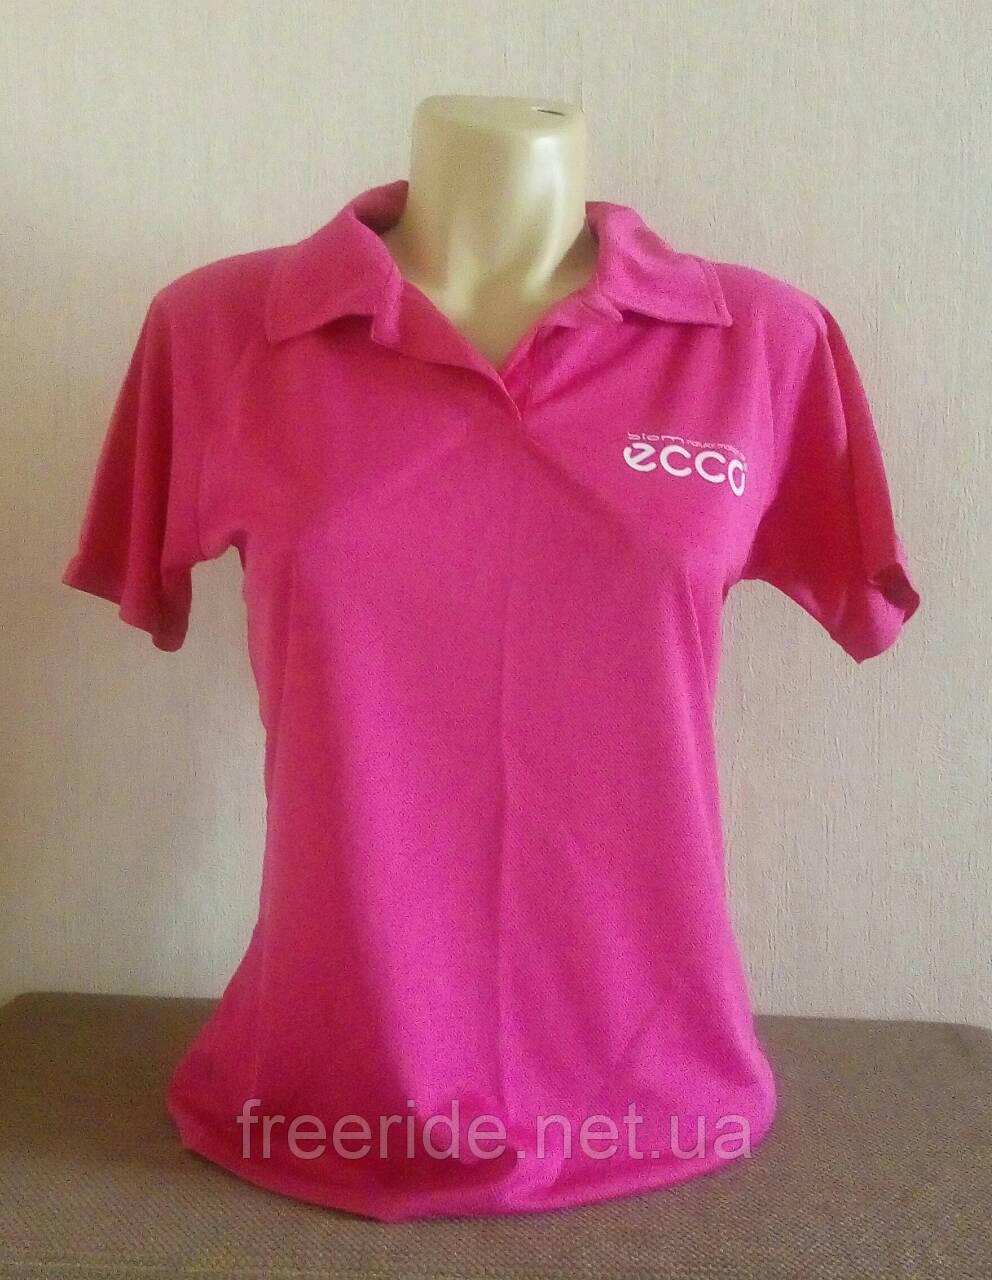 Женская спортивная футболка ECCO (M)